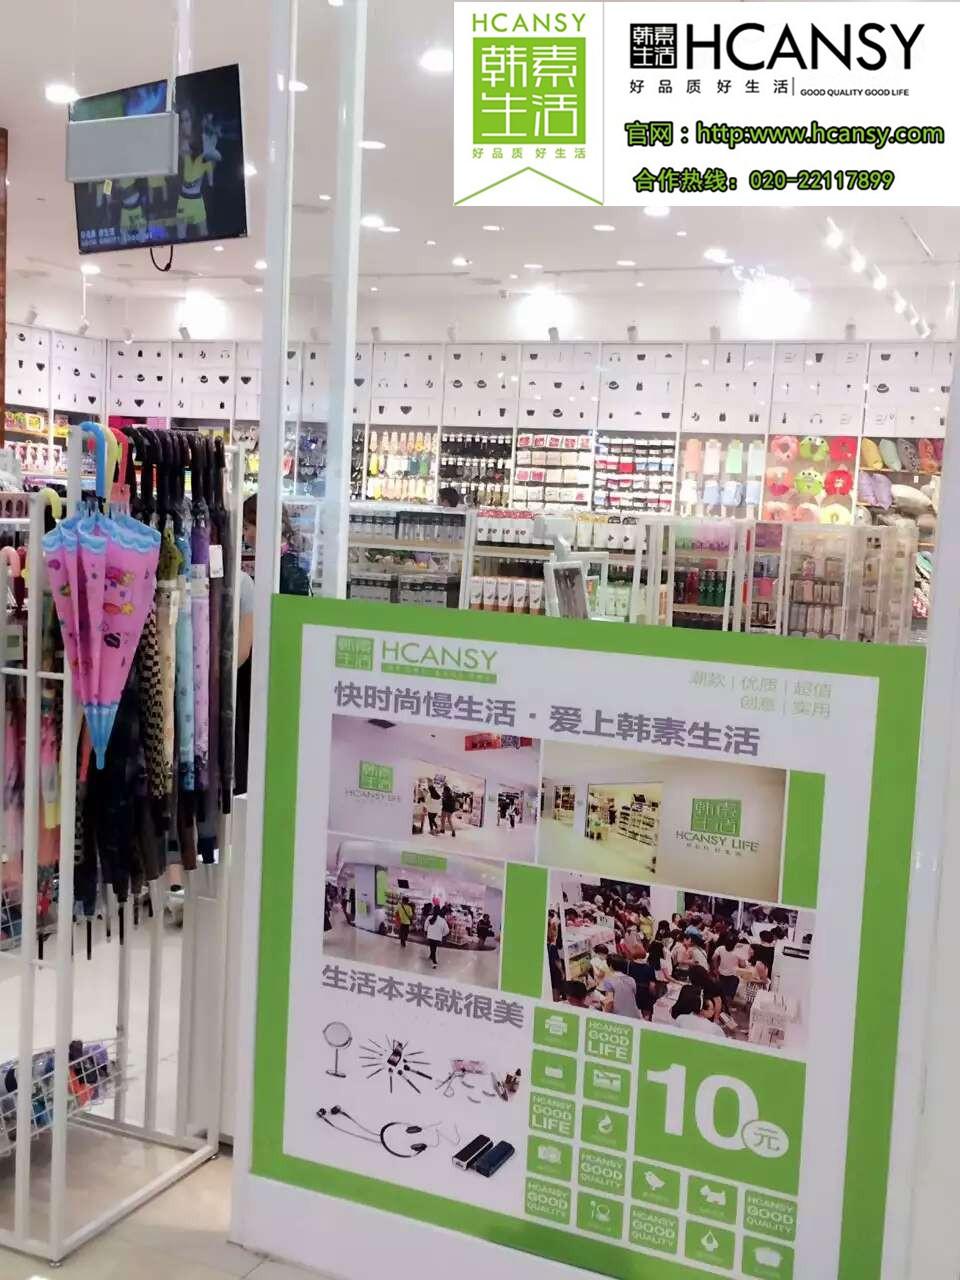 韩素生活馆【看清】灵石县二手奔腾B30汽车买卖诈骗